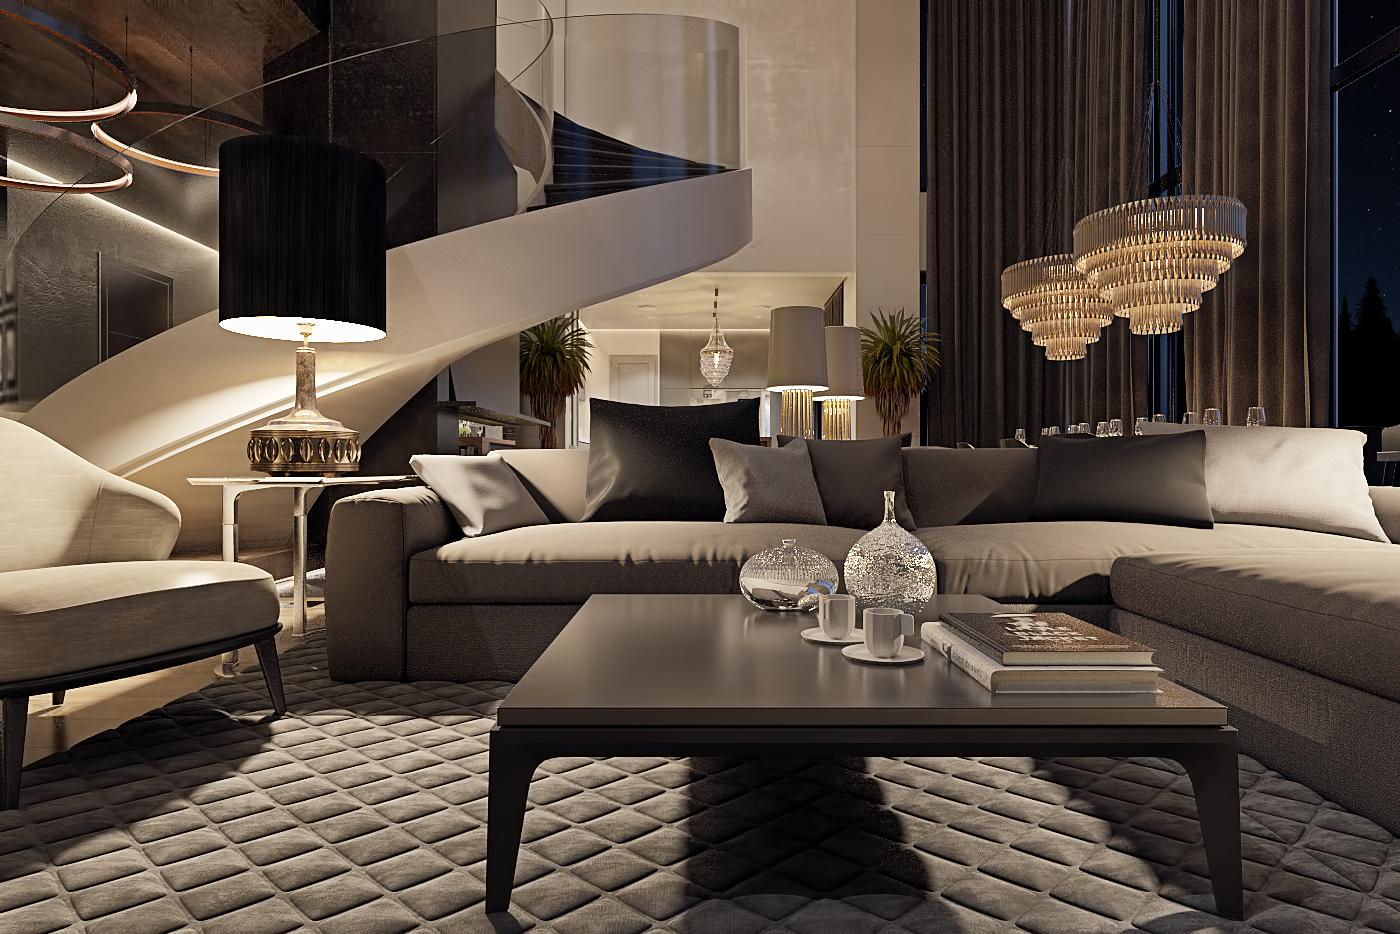 Дизайнер интерьера Ирина Пивовар: однокомнатная квартира может быть просторной